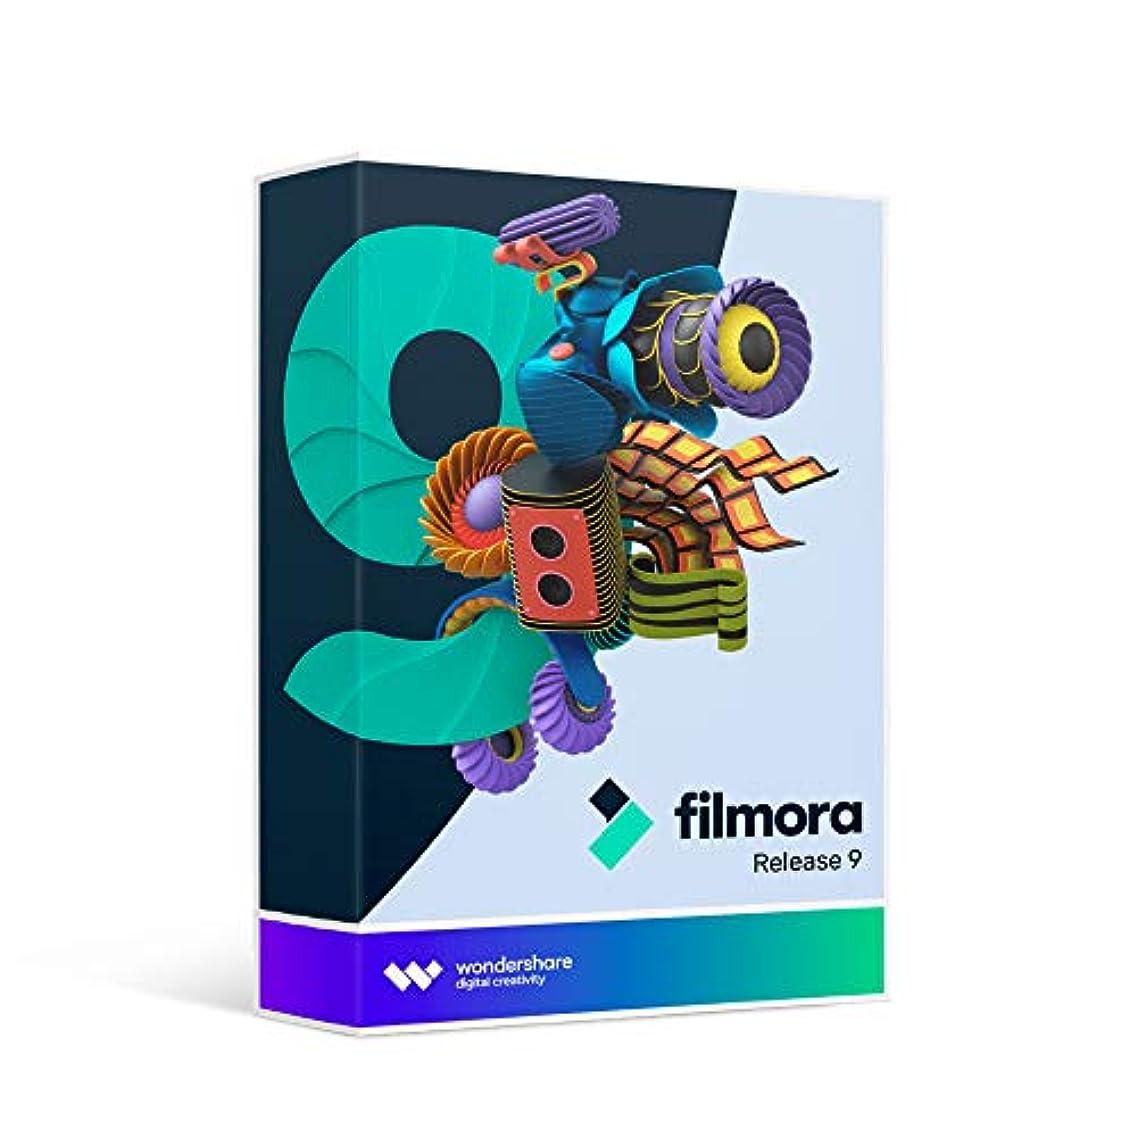 トランスミッション電卓ペパーミントWondershare Filmora9 (Win版) 動画編集ソフト 永久ライセンス|ワンダーシェアー